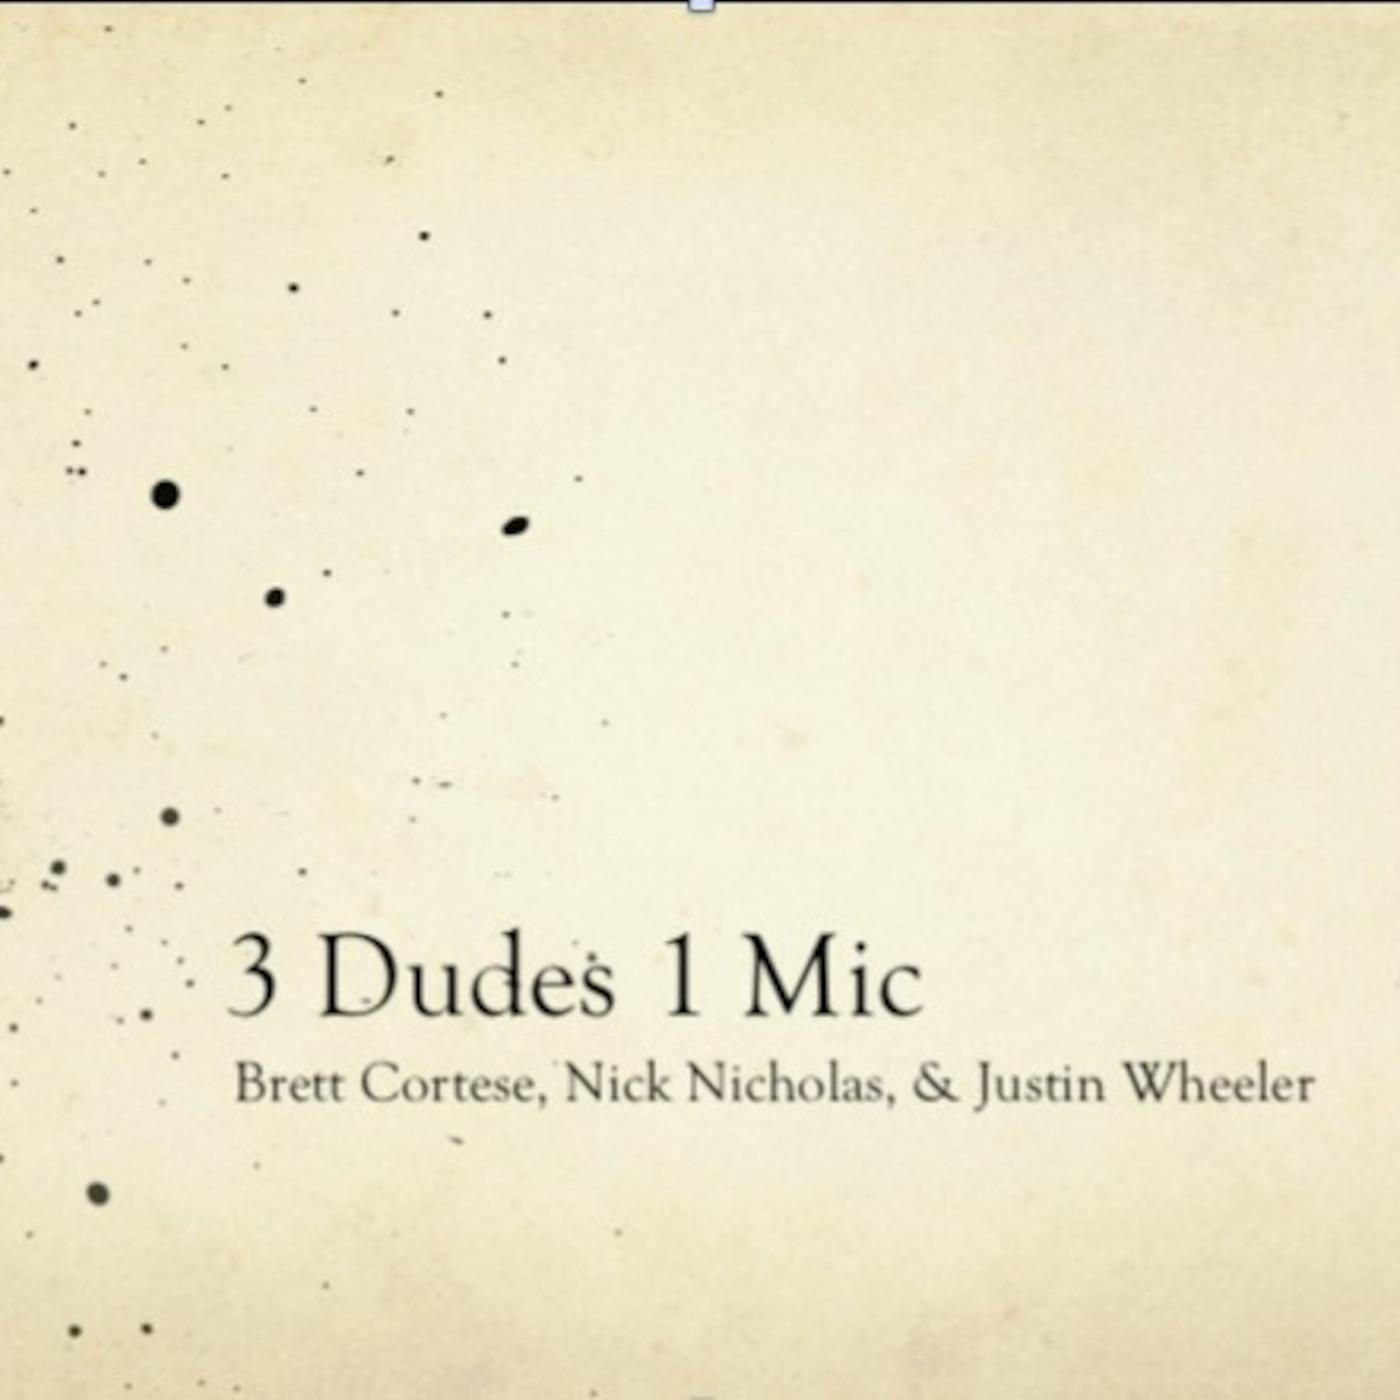 3 Dudes 1 Mic